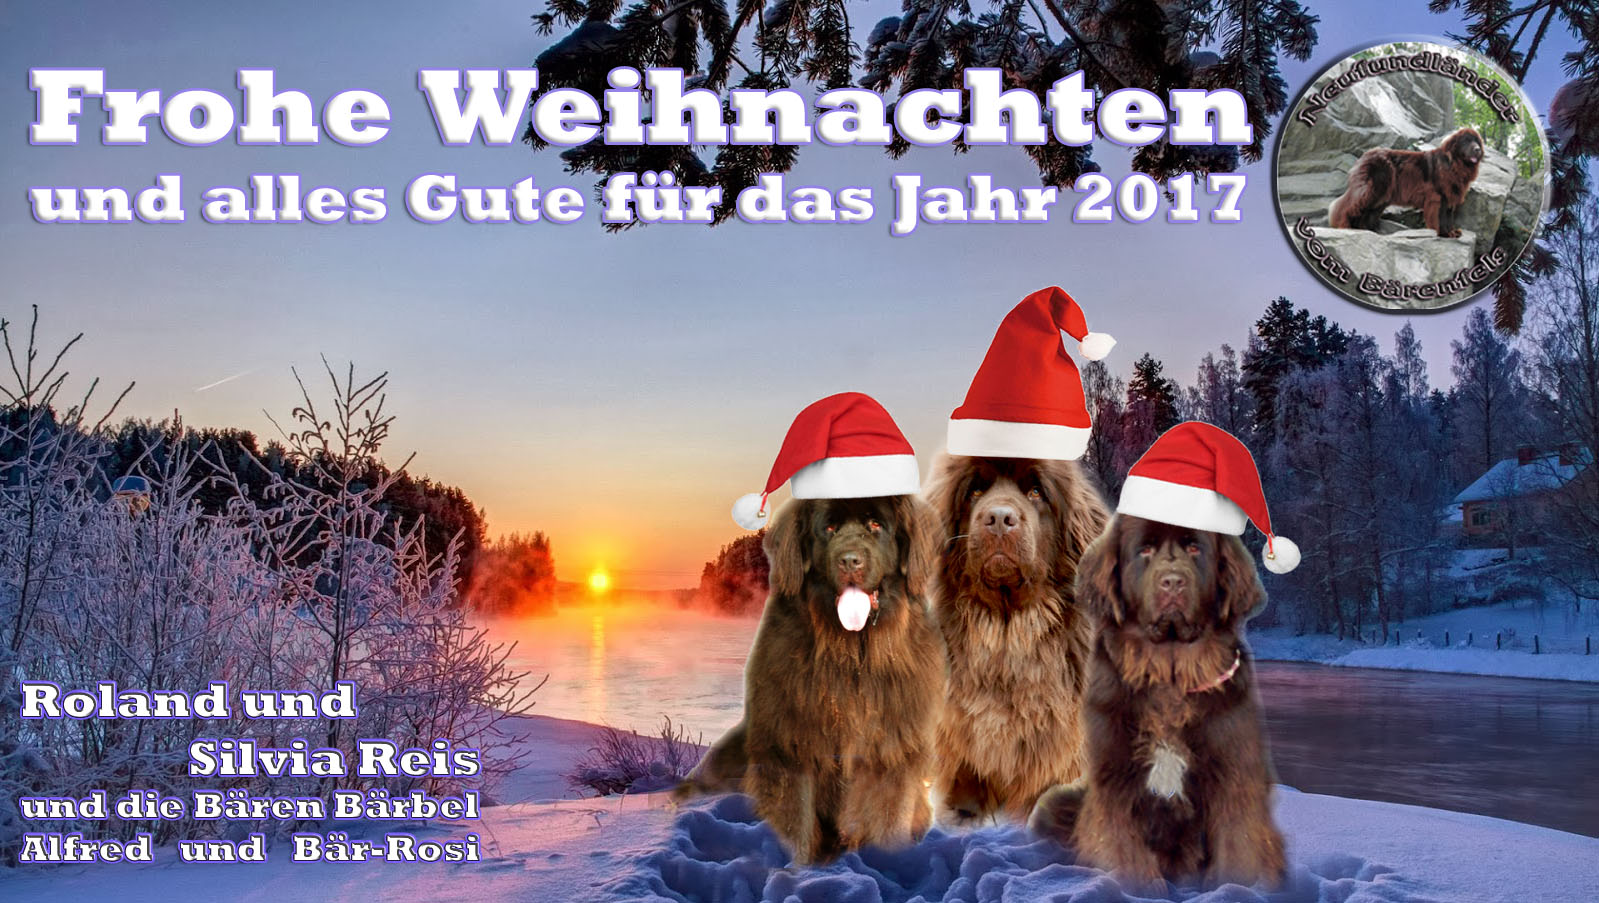 weihnachtskarte16-9-9